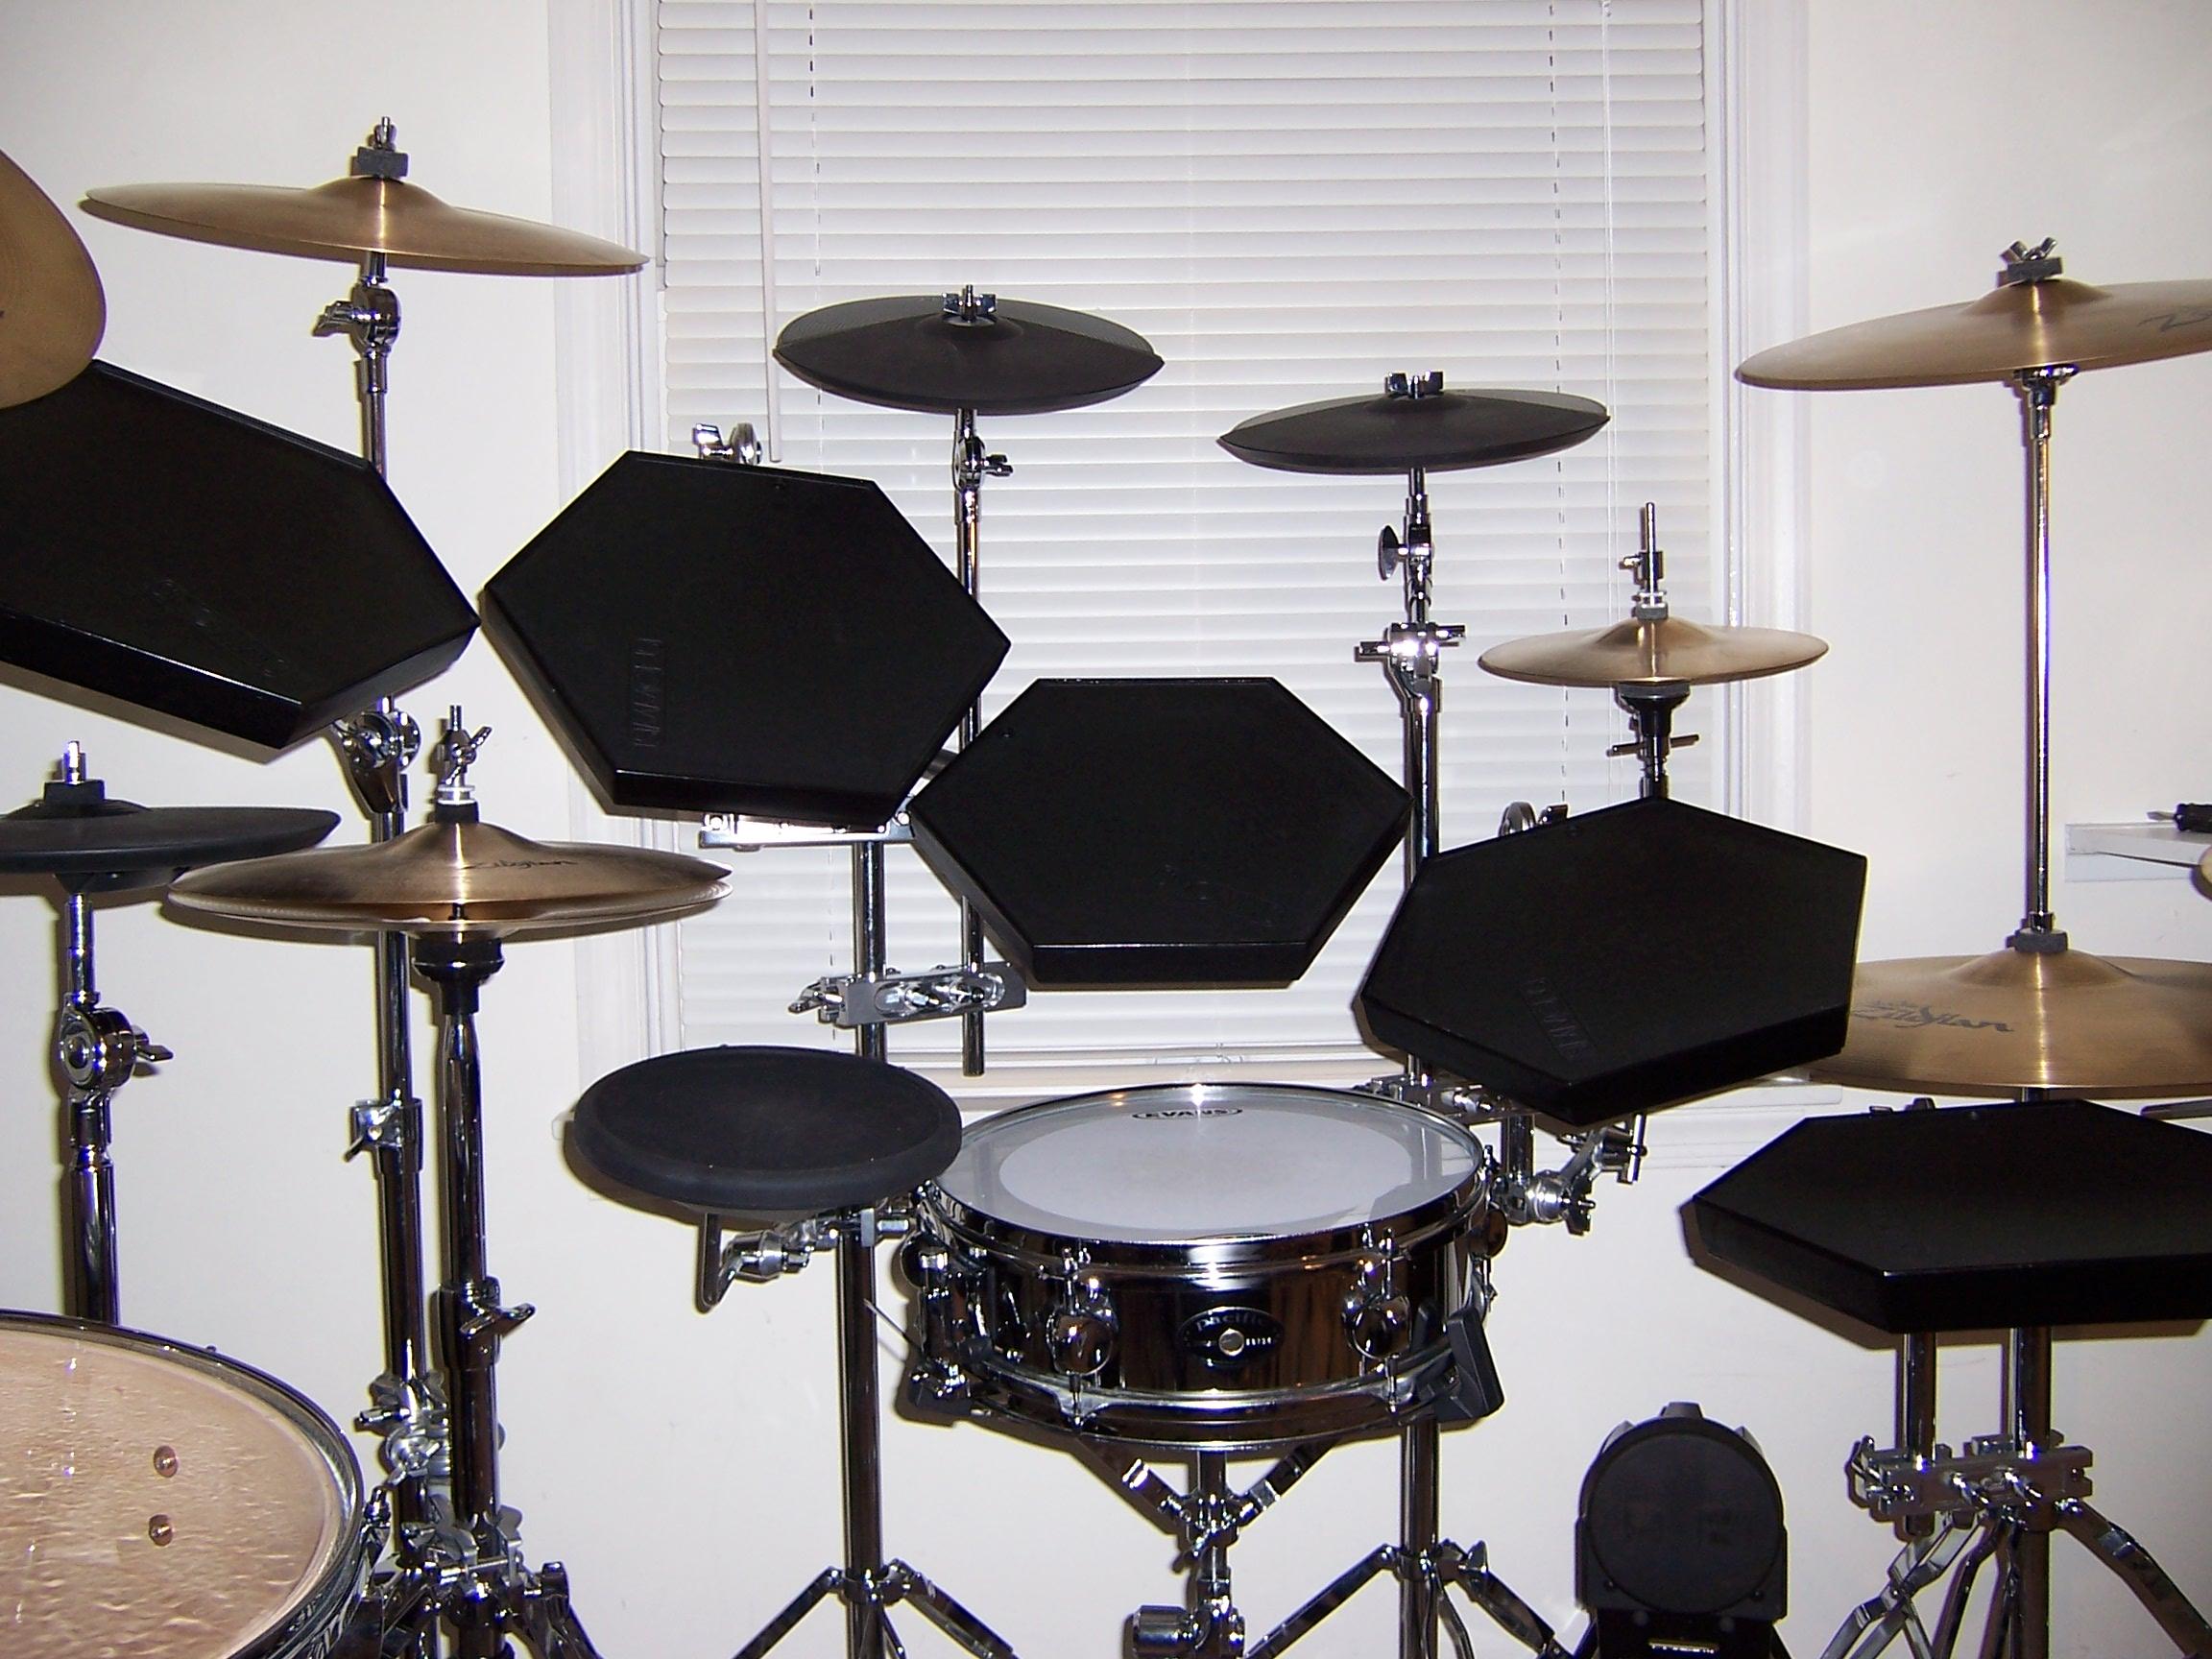 1000 images about drums on pinterest. Black Bedroom Furniture Sets. Home Design Ideas